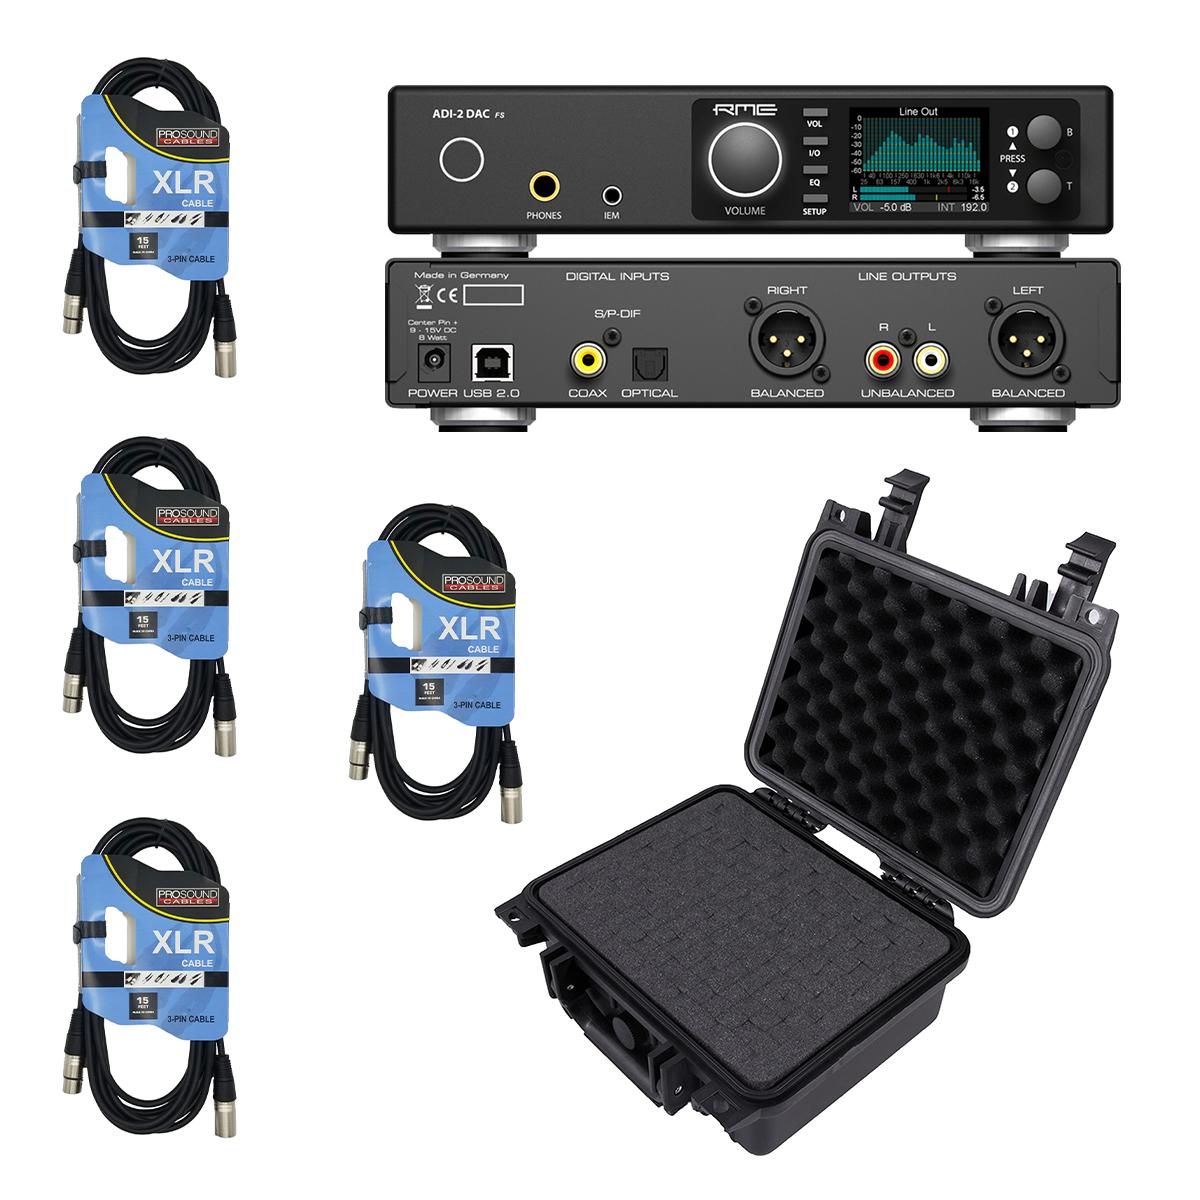 -4 RME ADI-2 DAC FS 2-channel DA Converter - (4) XLR Cables - Casematix Waterproof Studio Recording Case - $1149.99